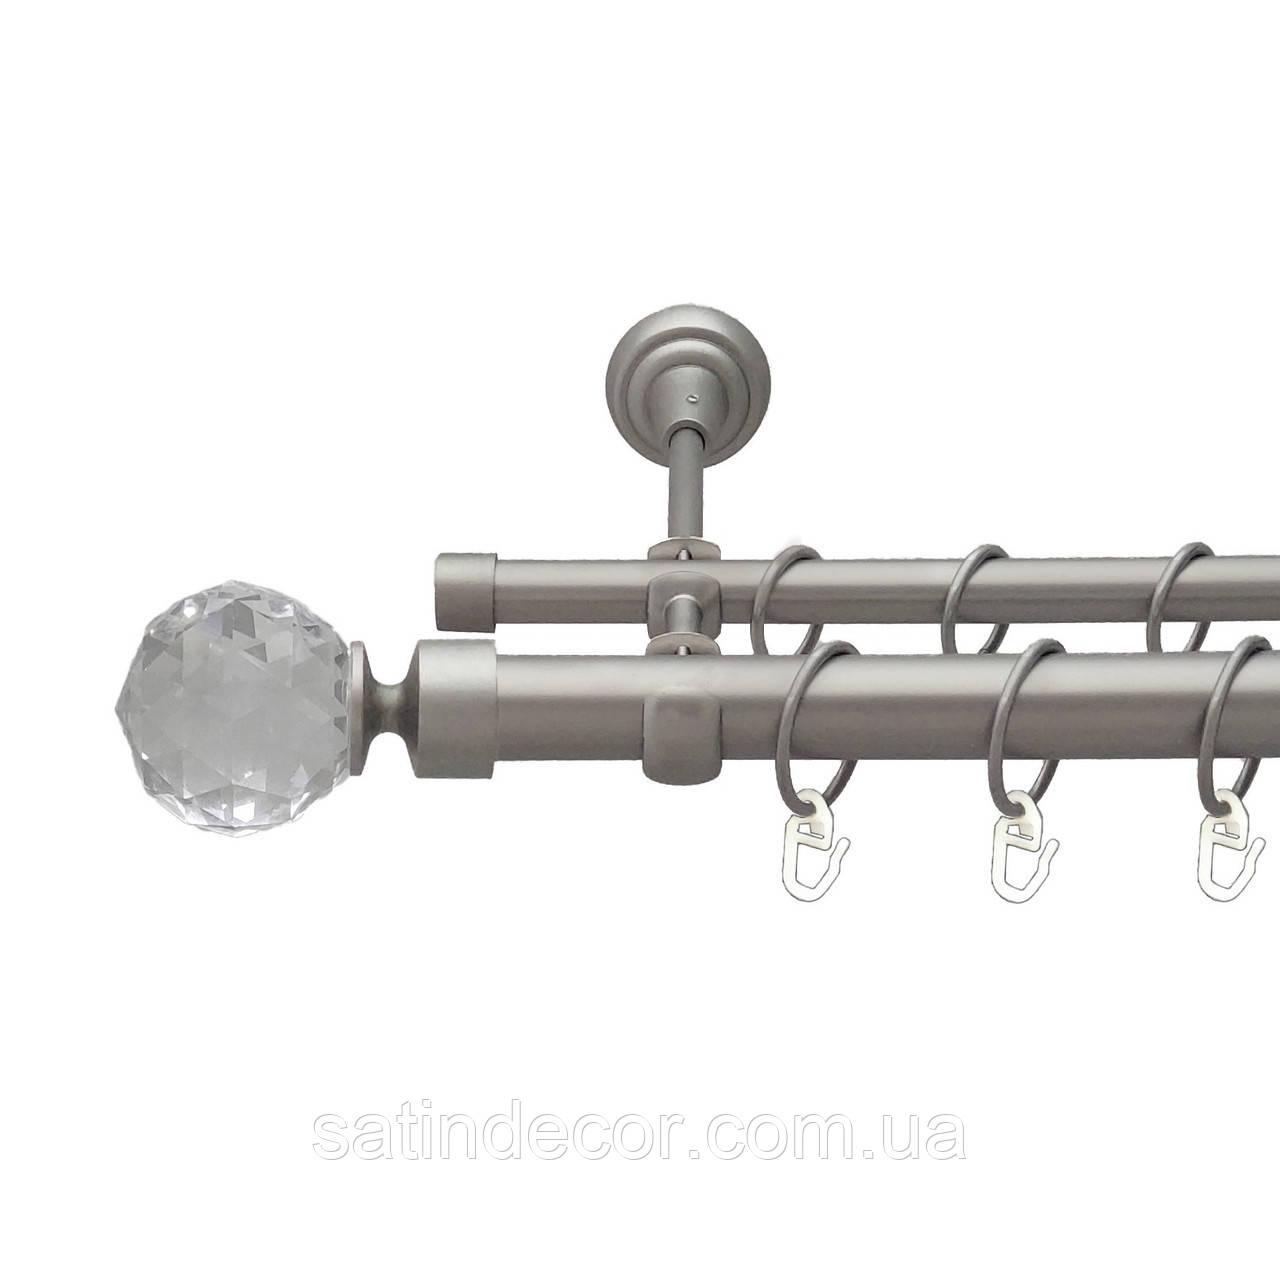 Карниз для штор металевий подвійний 25+19мм ЛЮМІЄРА Сатин нікель Довжина 3.0 м.